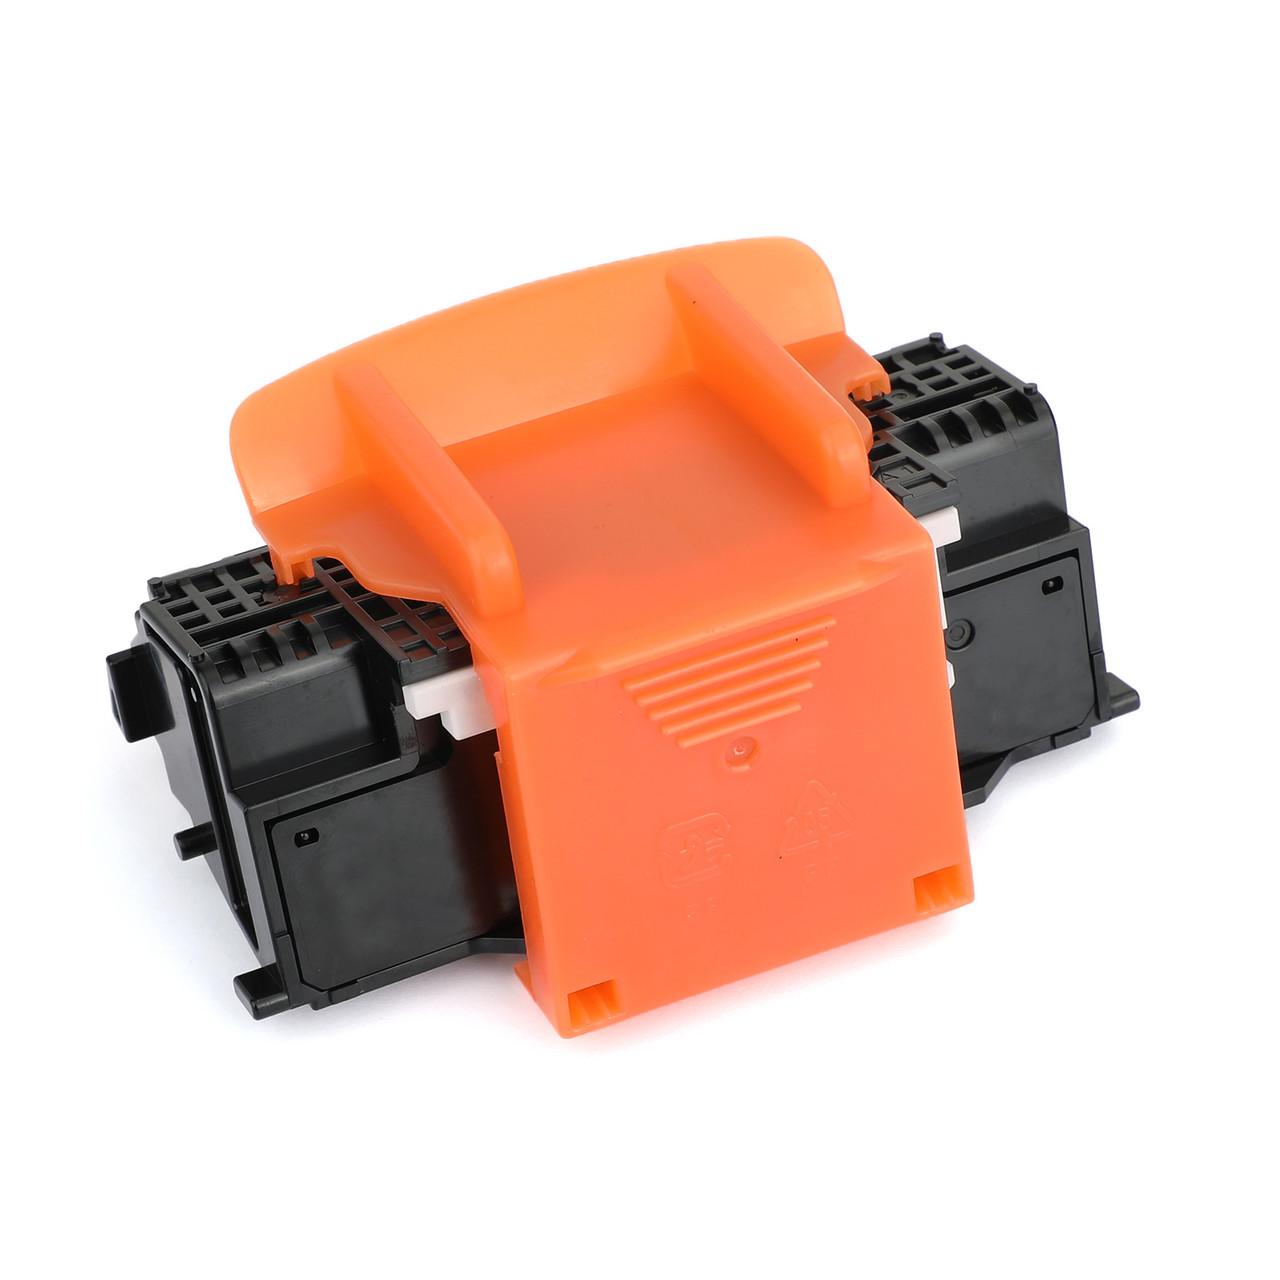 Replacement Printer Print Head QY6-0086 For MX928 MX728 IX6780 IX6880 MX72